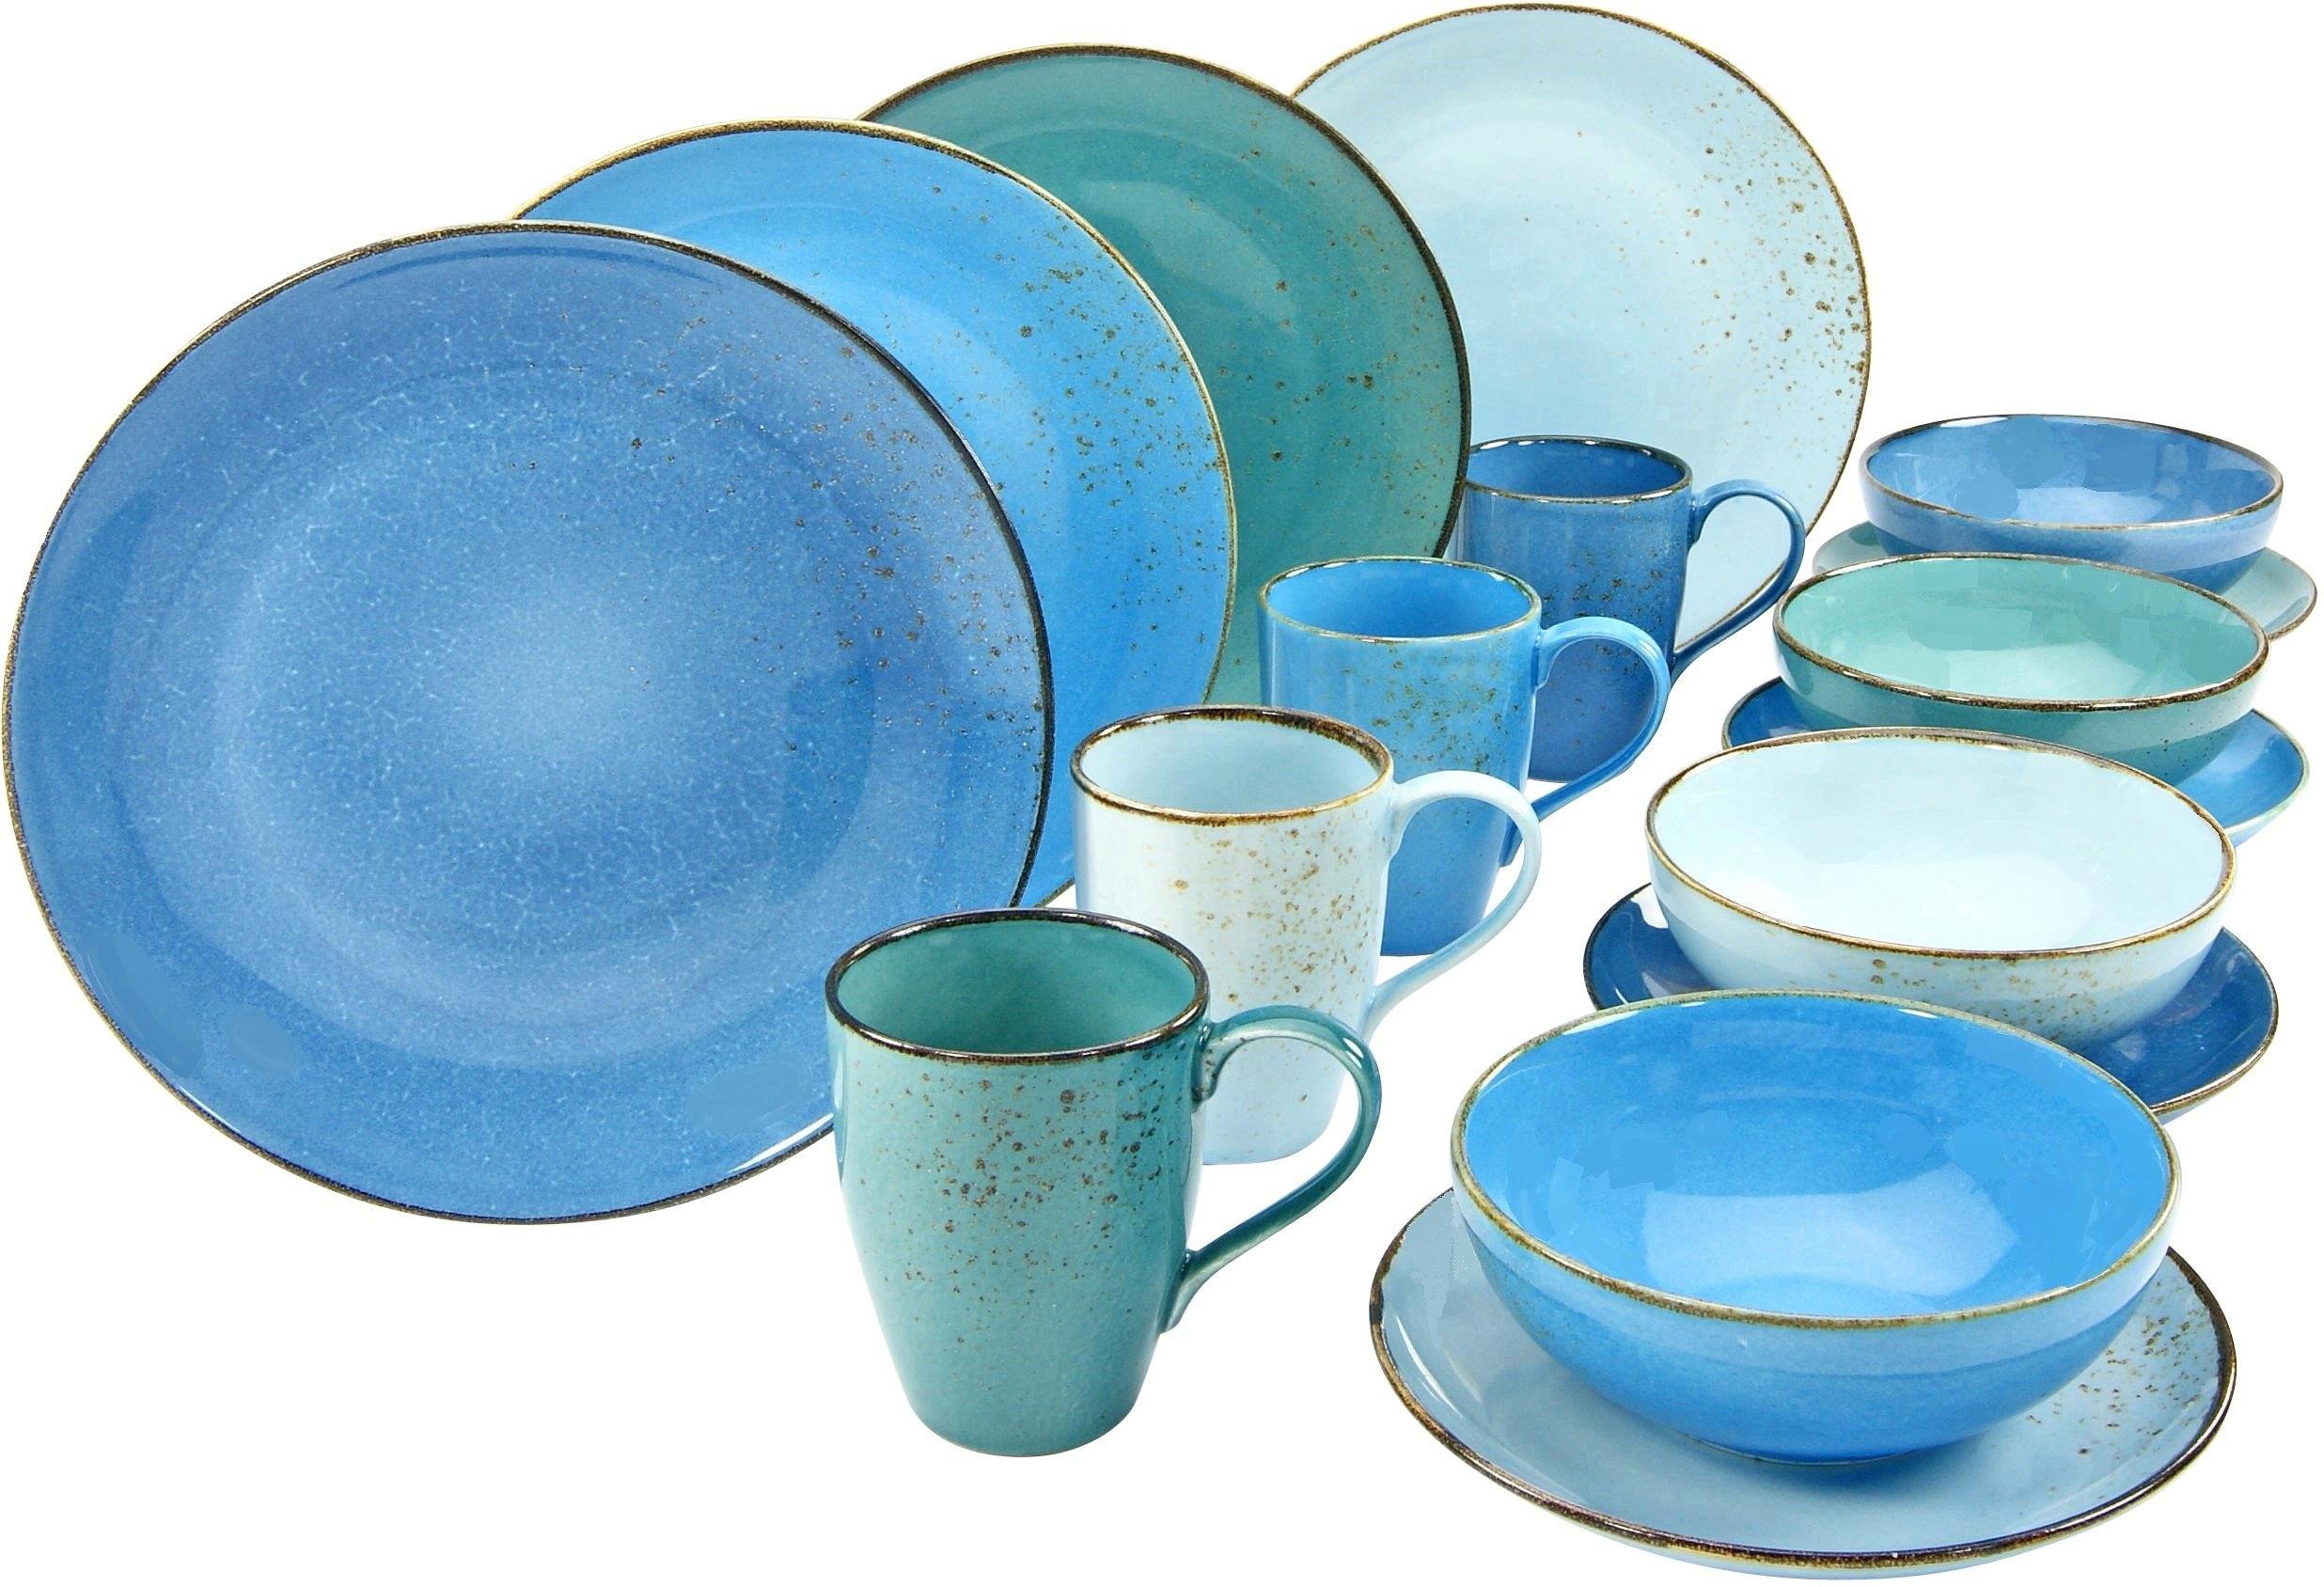 CreaTable combi-servies NATURE COLLECTION Aqua Trendy blauwe tinten (set, 16 delig) bestellen: 30 dagen bedenktijd